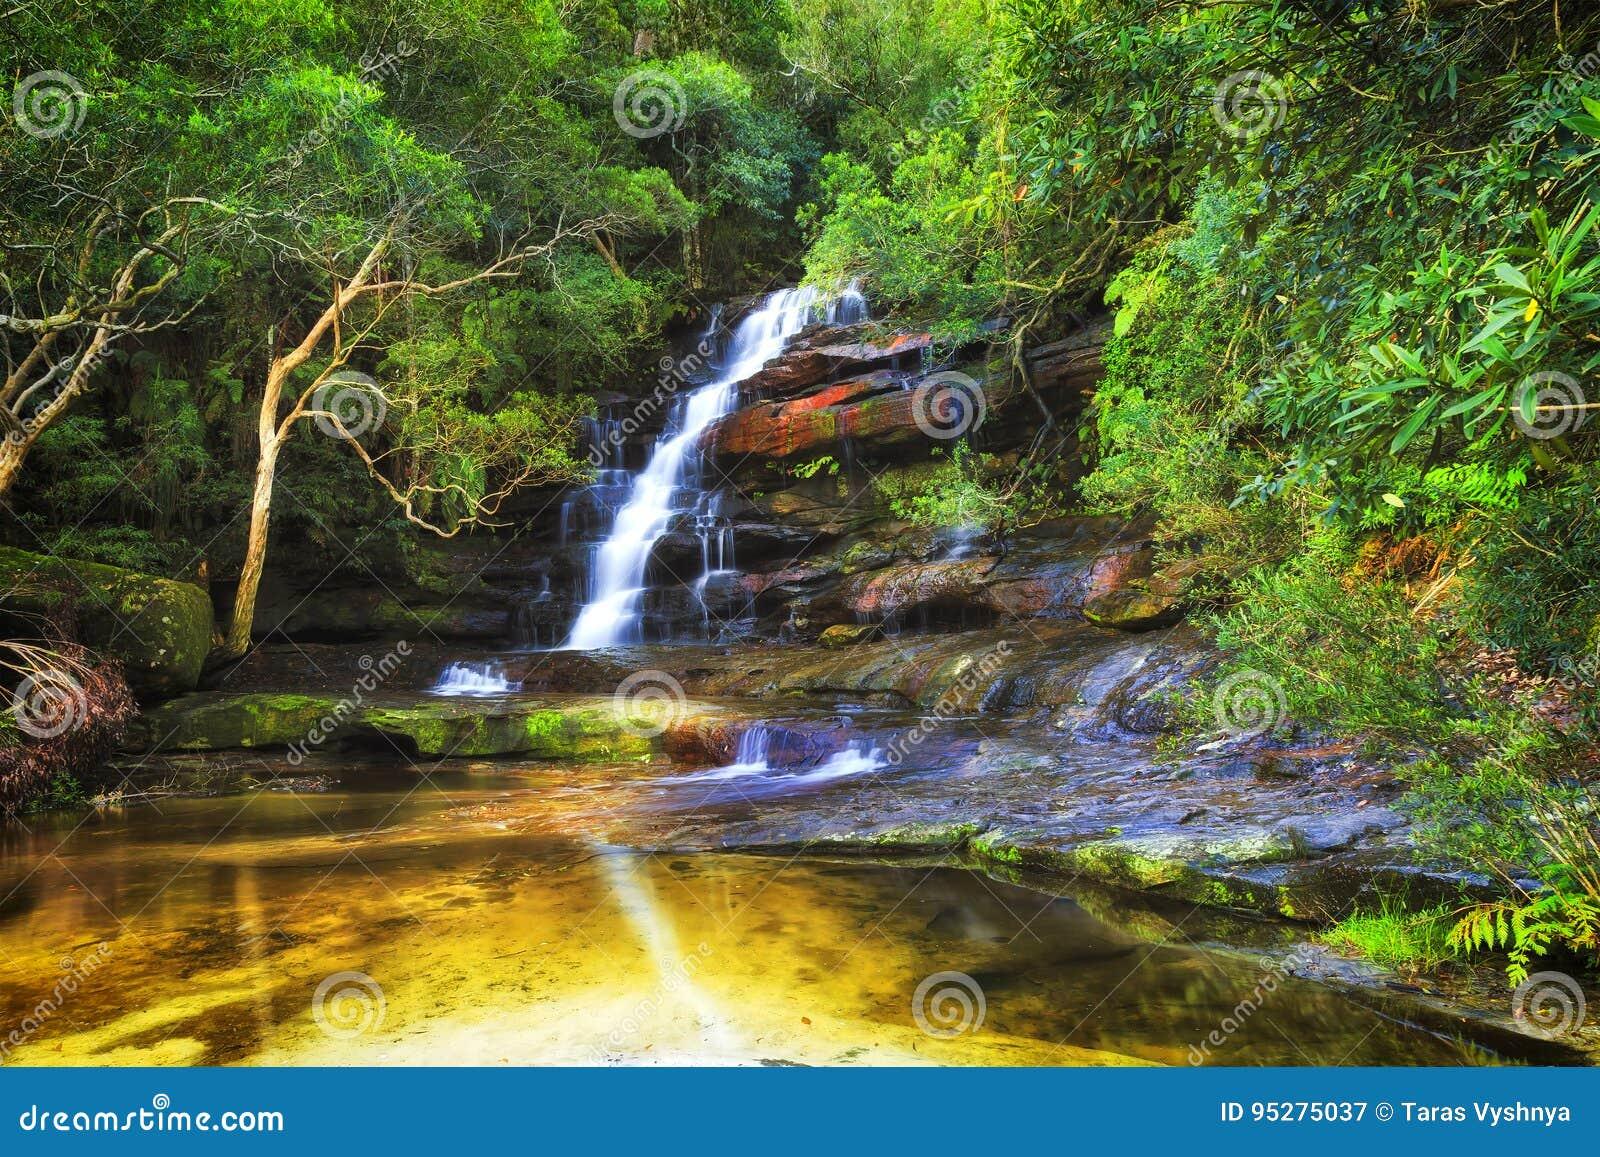 la piscine somersby de wf reflètent des arbres image stock - image